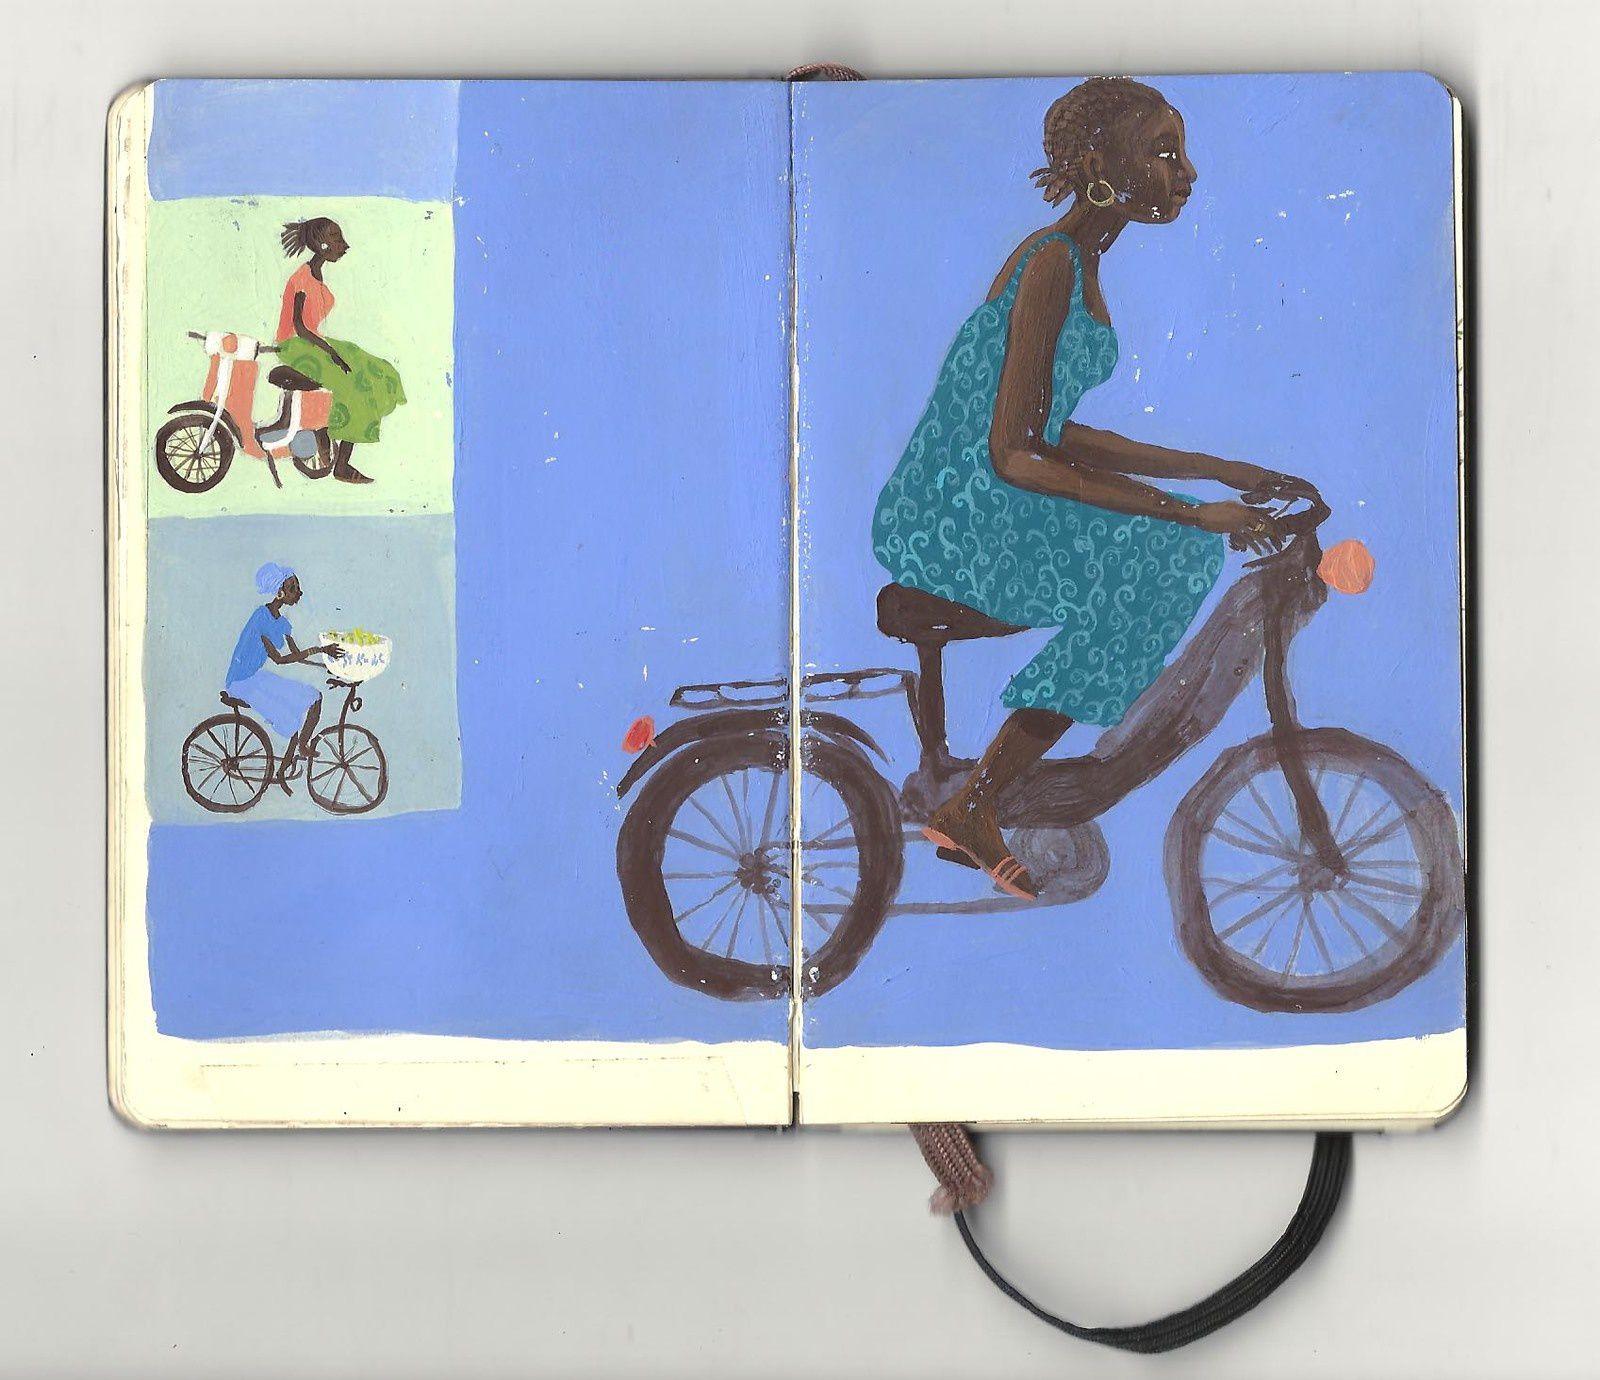 Burkina Faso, 2004, petit carnet qui tient dans la poche, peinture acrylique. Depuis l'adolescence je pratique la photographie argentique, qui m'accompagne aussi à chacun de mes voyages.